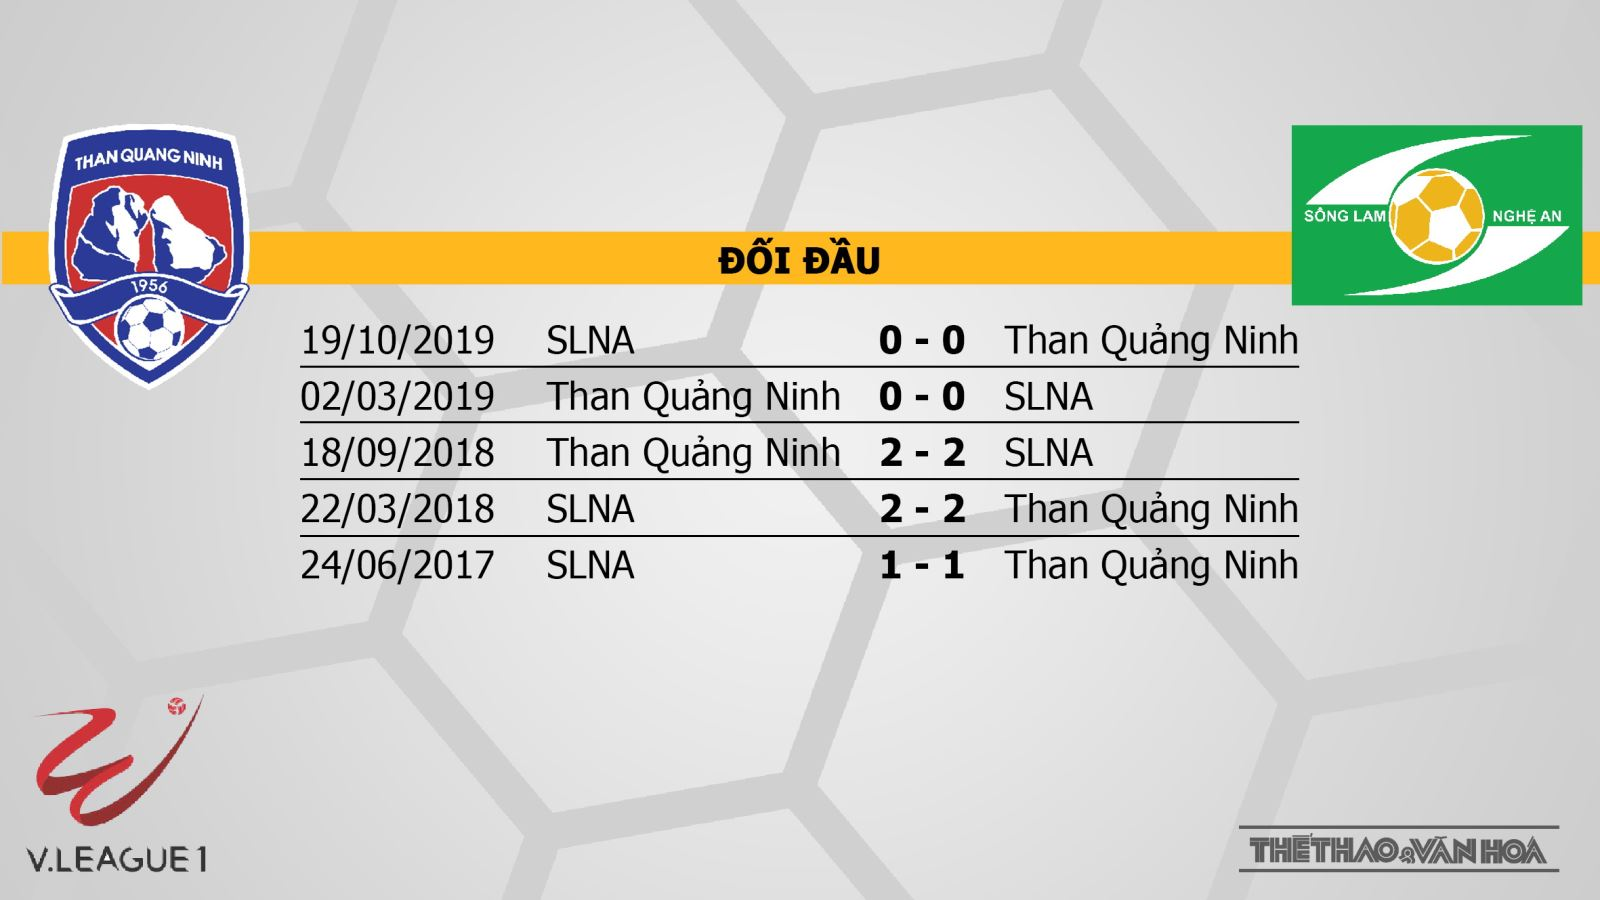 Than Quảng Ninh vs Sông Lam Nghệ An, Than Quảng Ninh vs SLNA, trực tiếp bóng đá, soi kèo Than Quảng Ninh vs Sông Lam Nghệ An, SLNA, Than Quảng Ninh